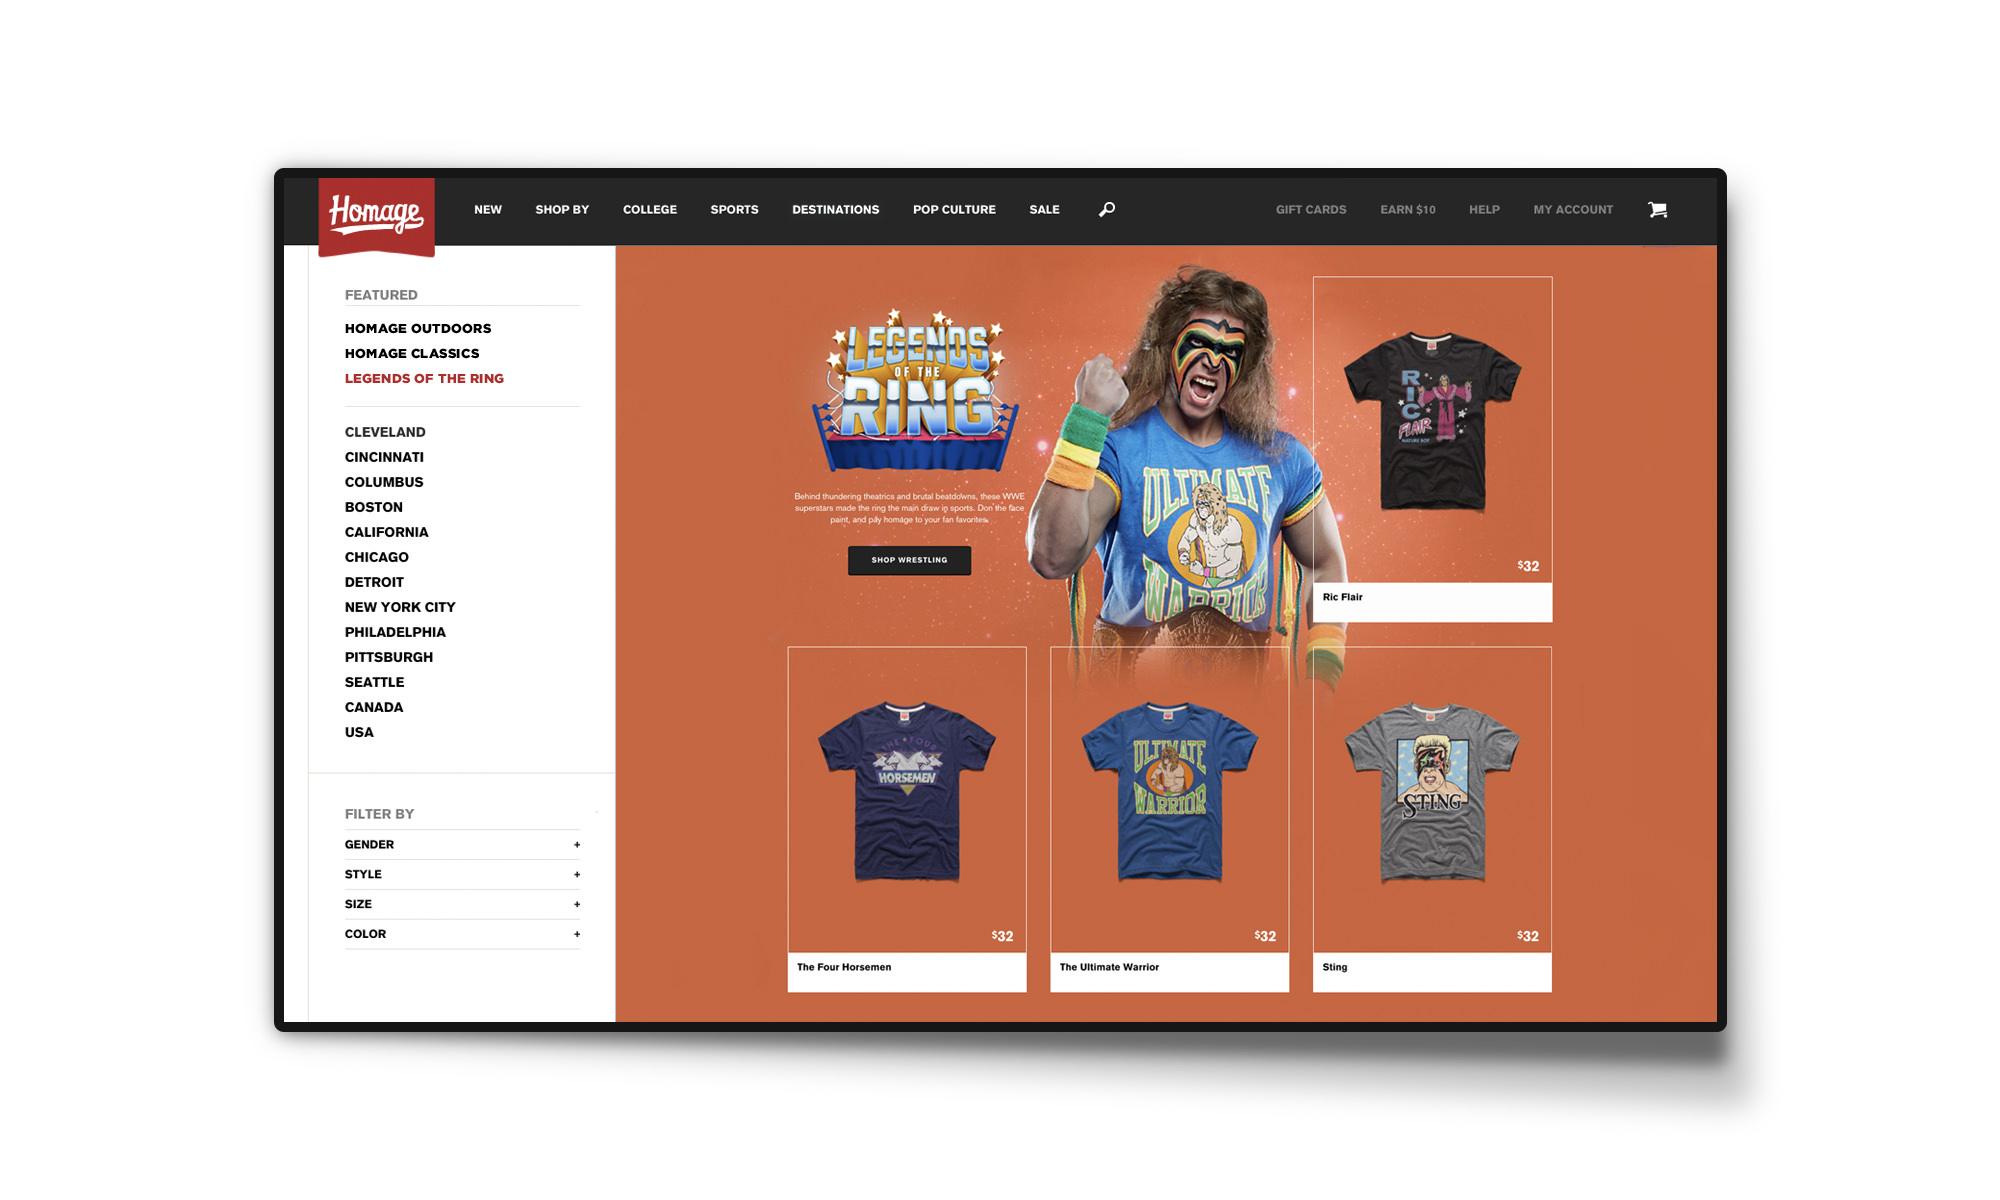 homage-redesign-legends-of-the-ring-desktop.jpg